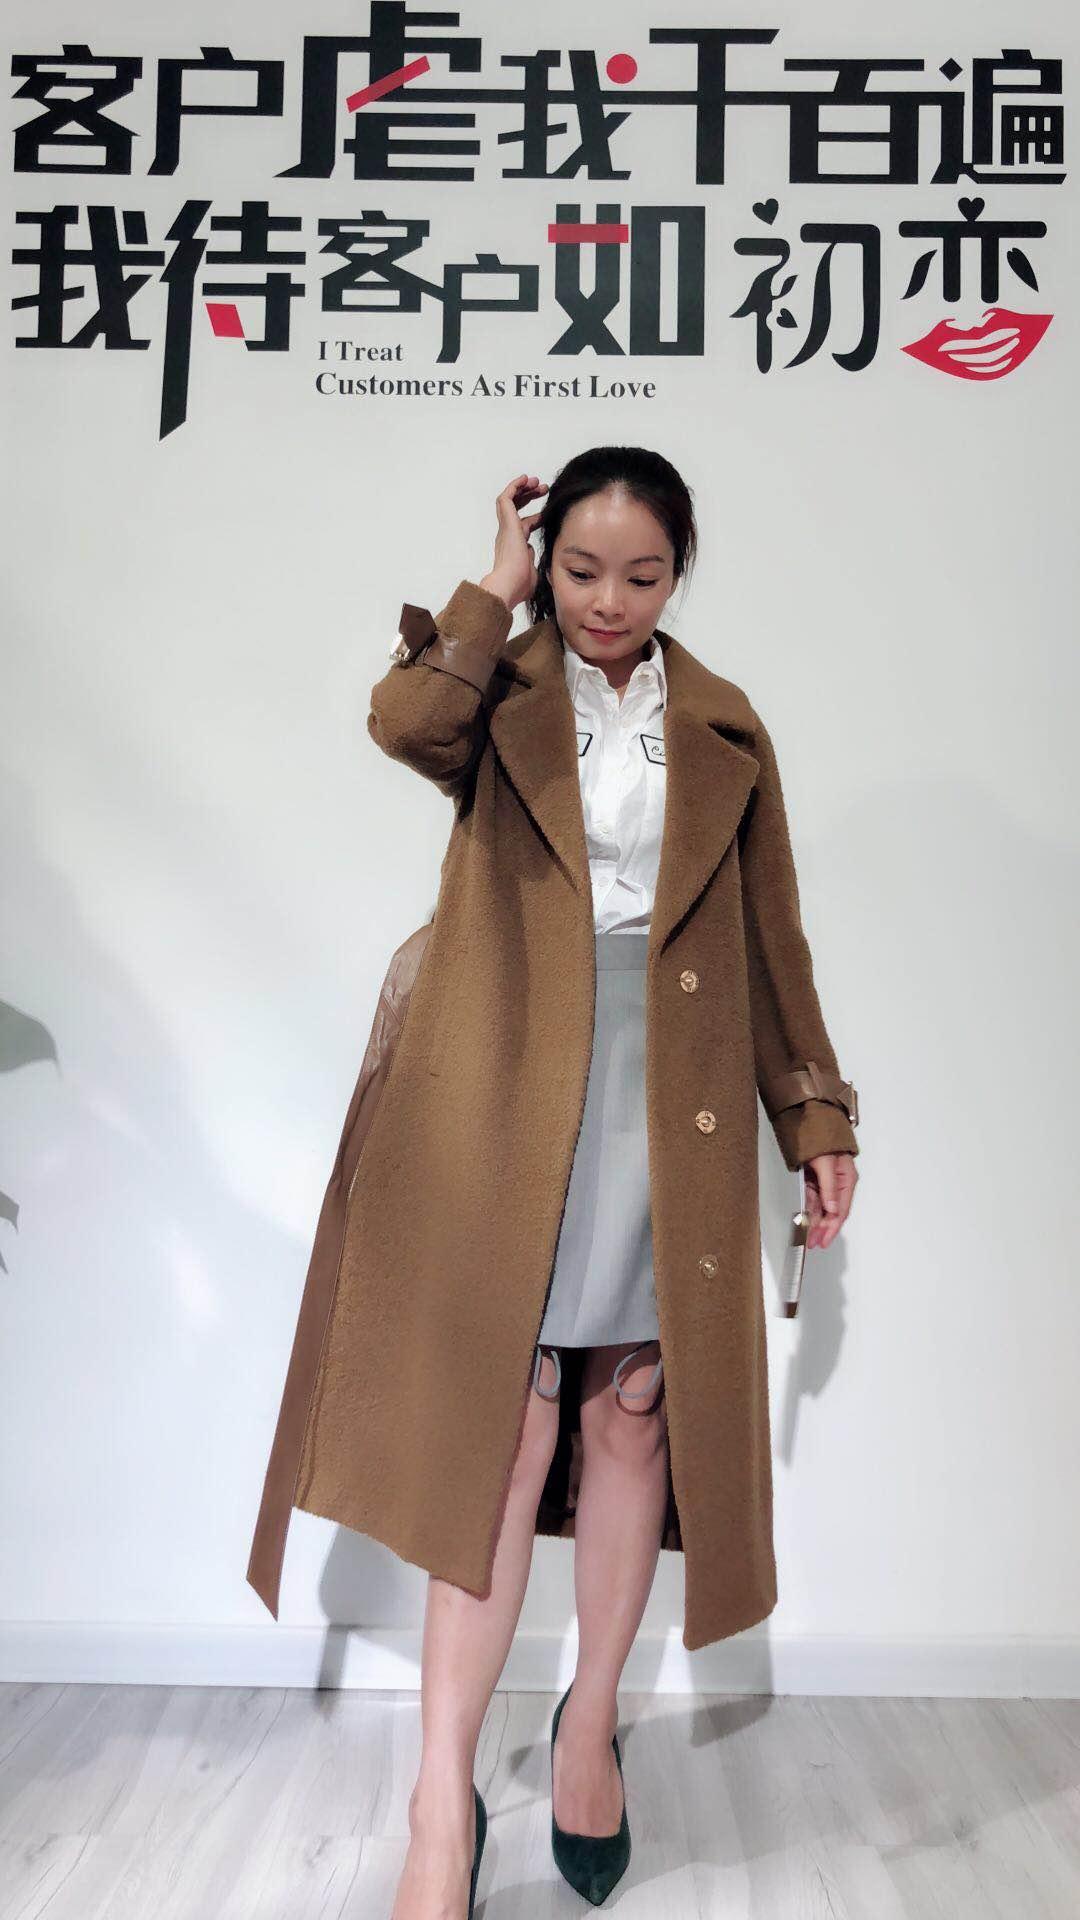 供应羊驼绒大衣 品牌专柜尾货折扣女装货源批发 艾薇萱服饰